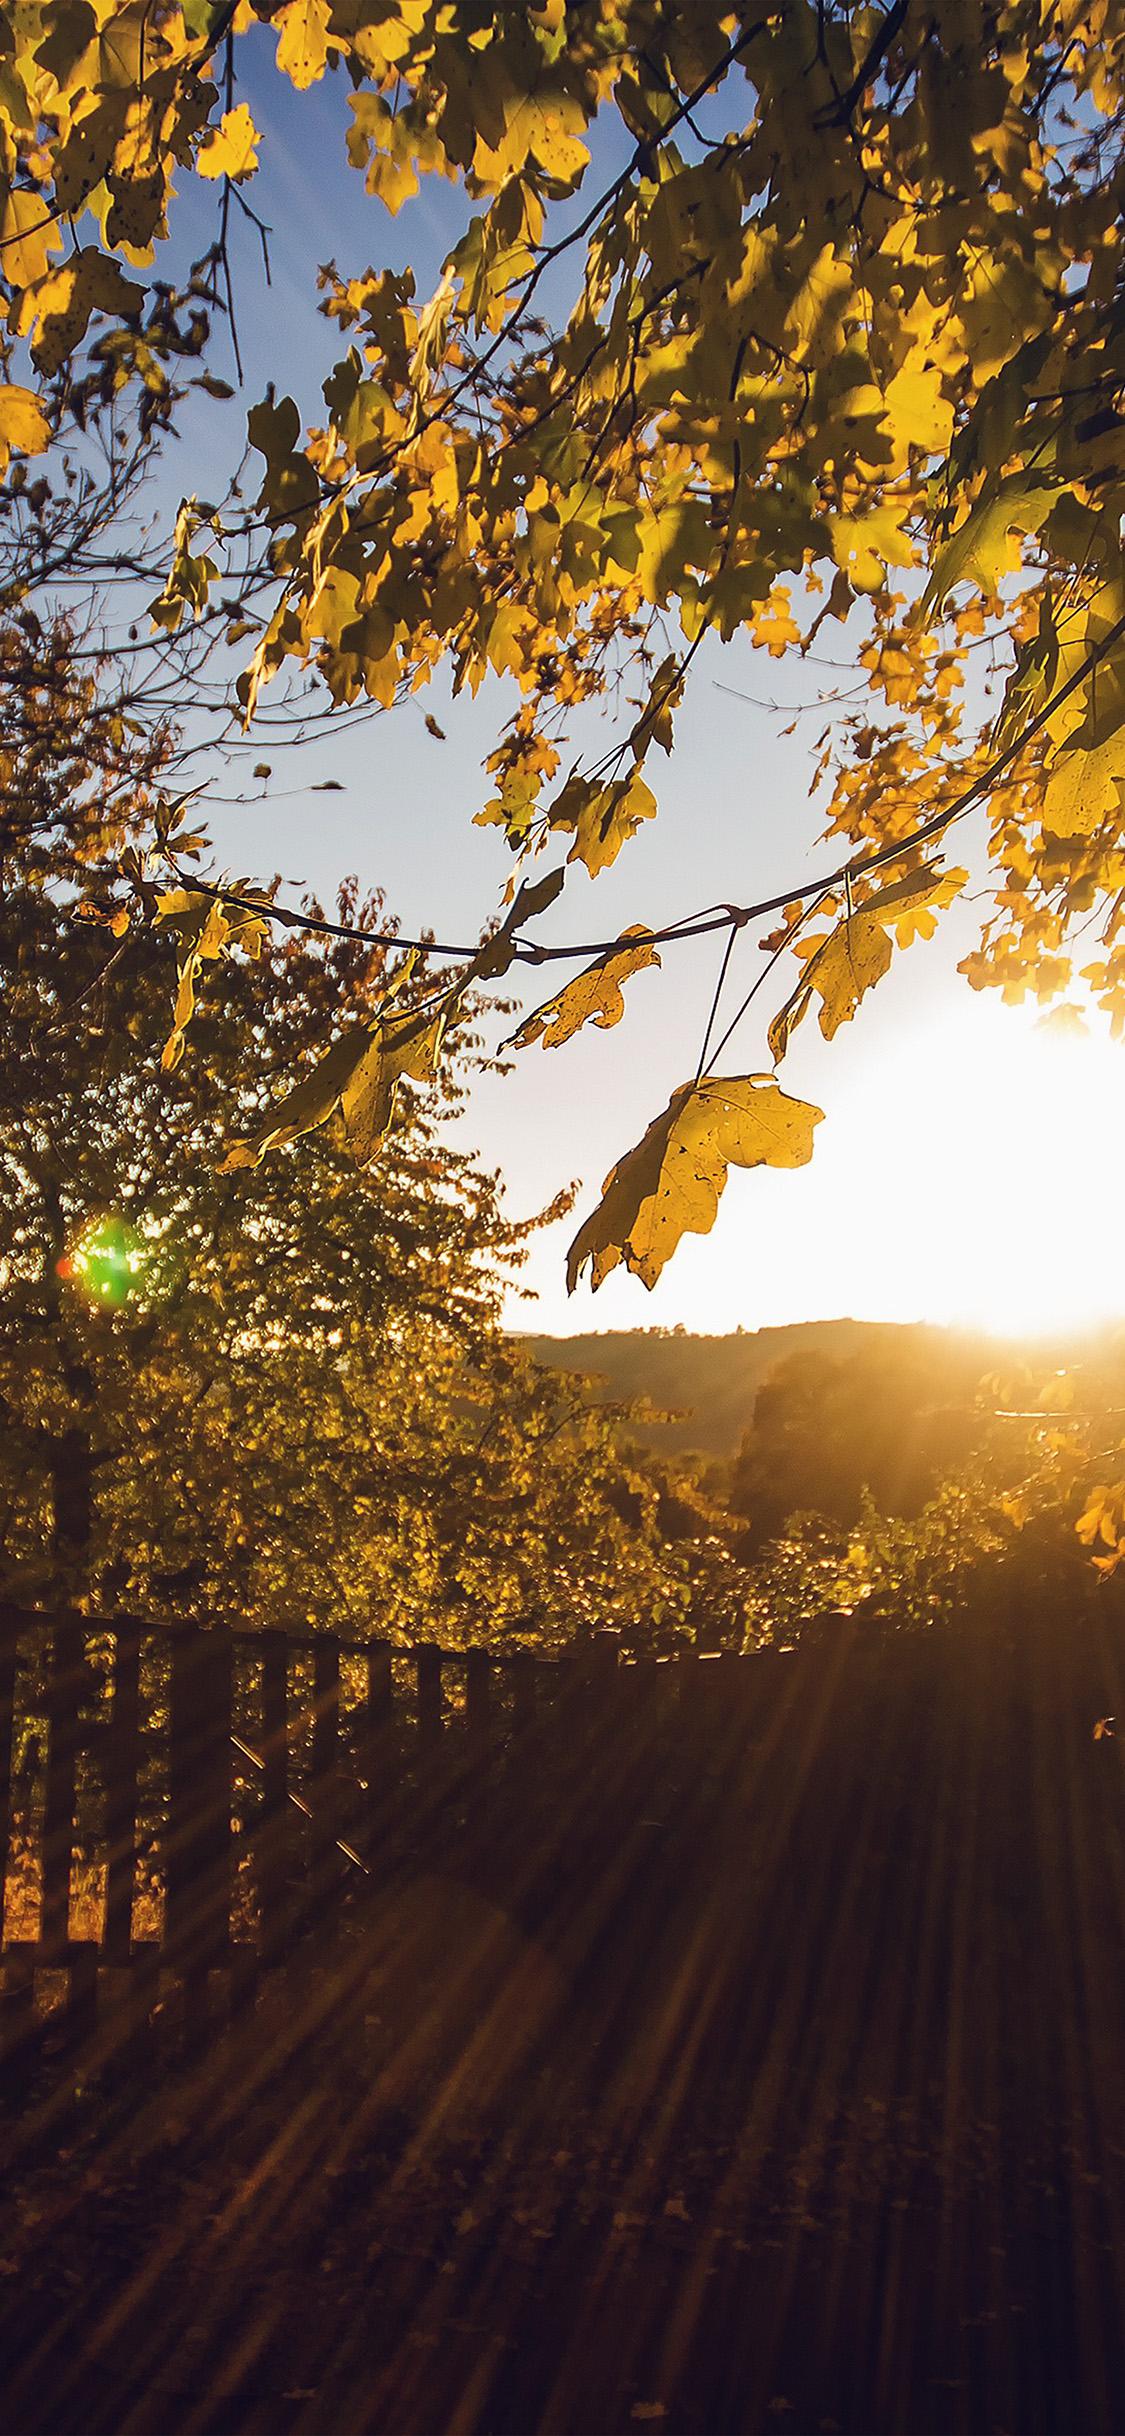 Fall Wallpaper Screensavers Nw22 Morning Sunlight Fall Nature Wallpaper